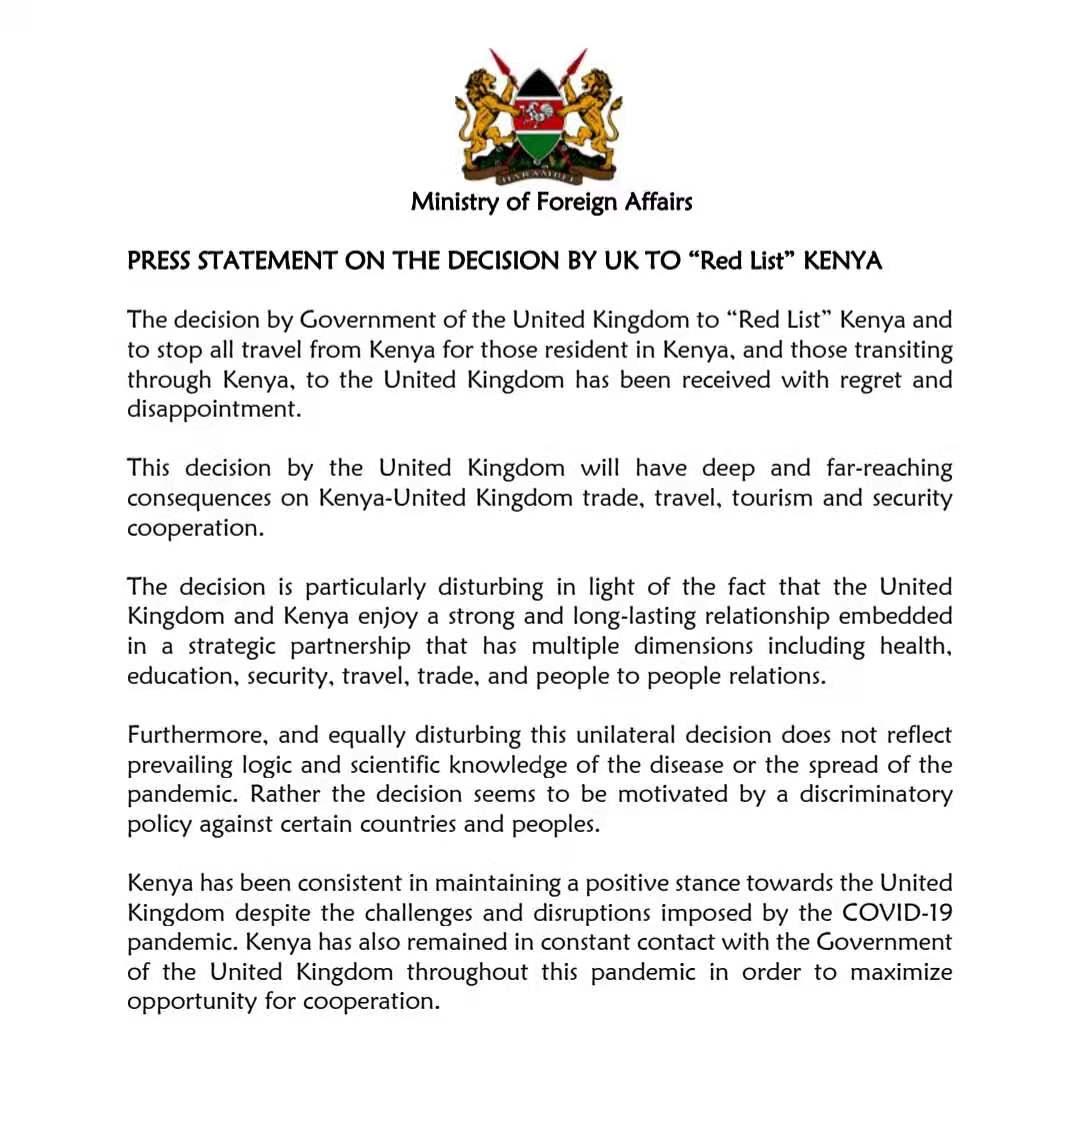 """肯尼亚谴责英国将其列入禁止入境旅行""""红色名单"""""""